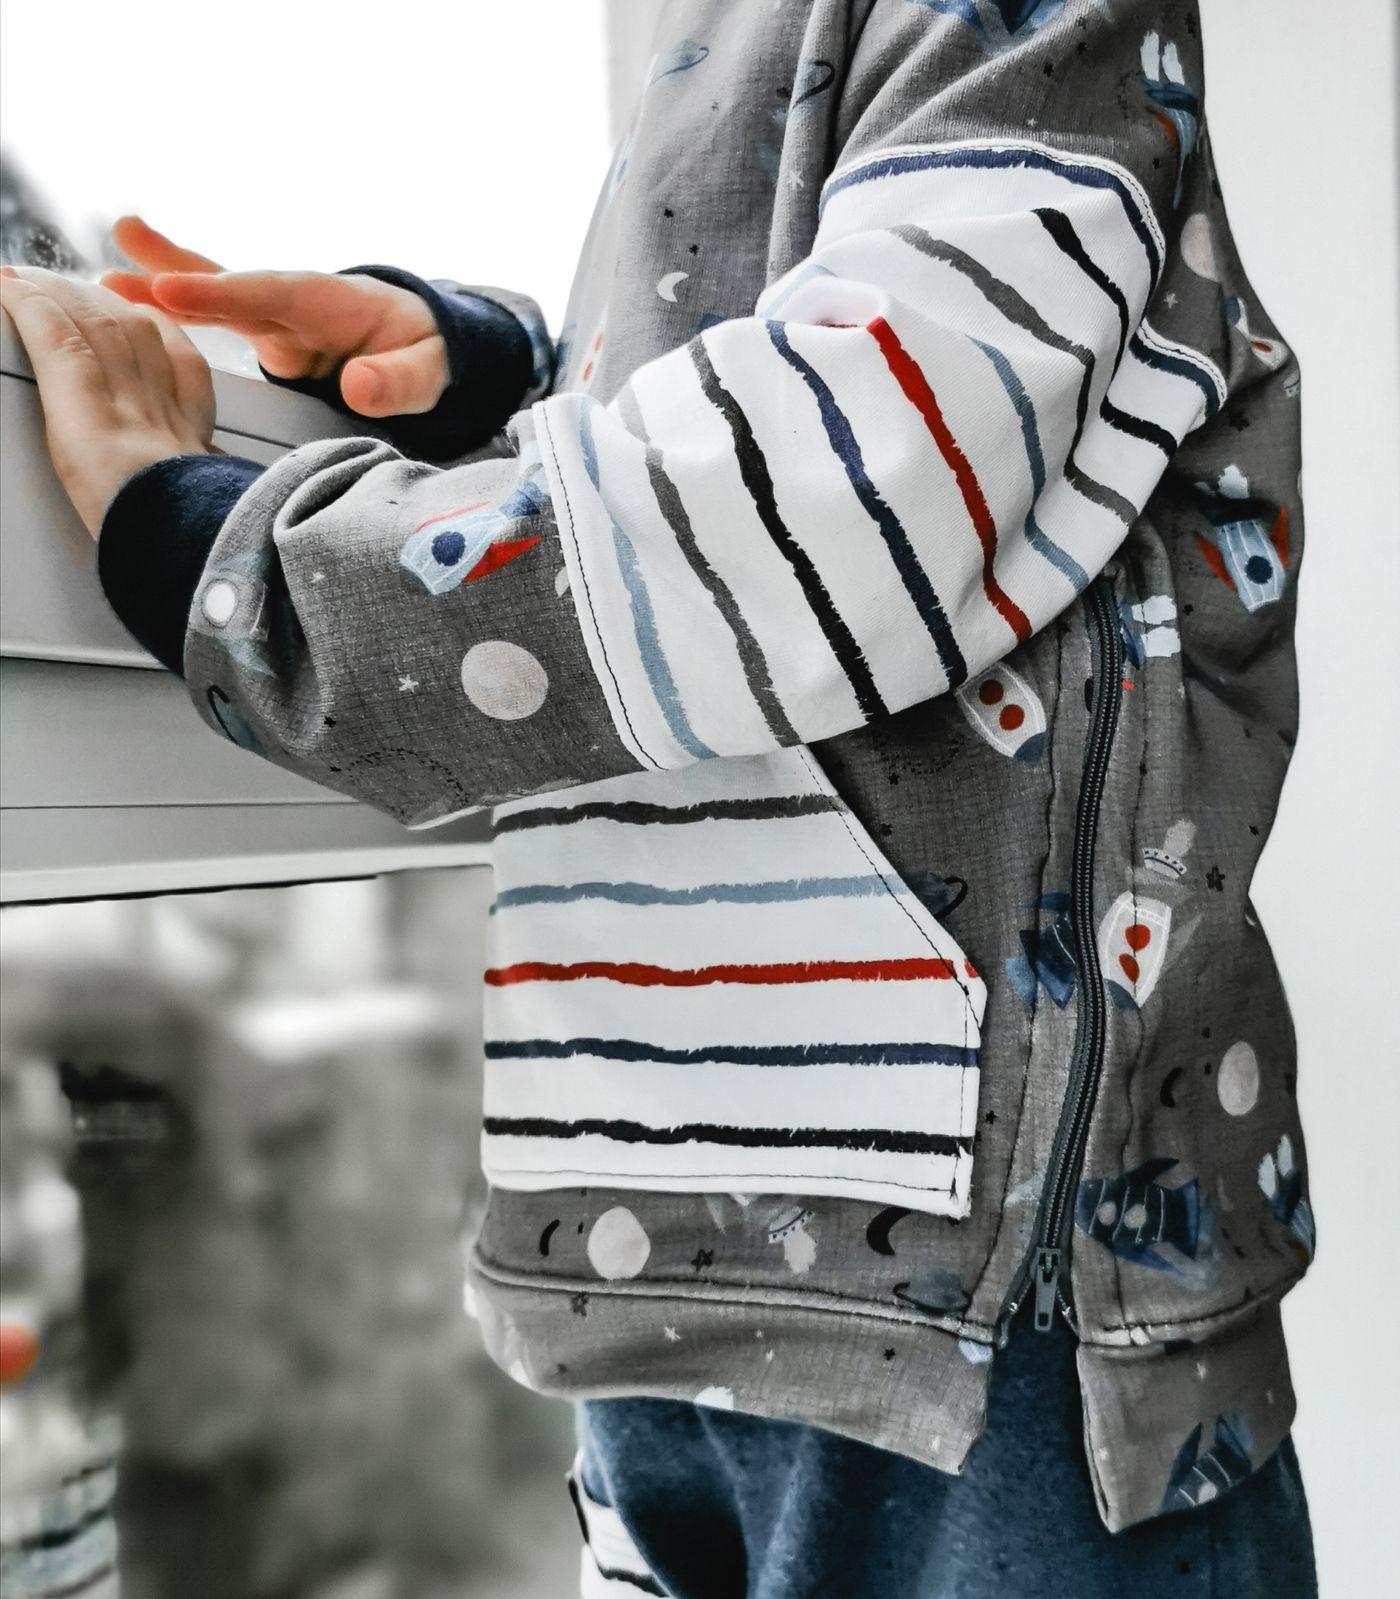 Produktfoto 5 von MamisLiebenNähen für Schnittmuster Sweater Kris in Gr. 86 - 152